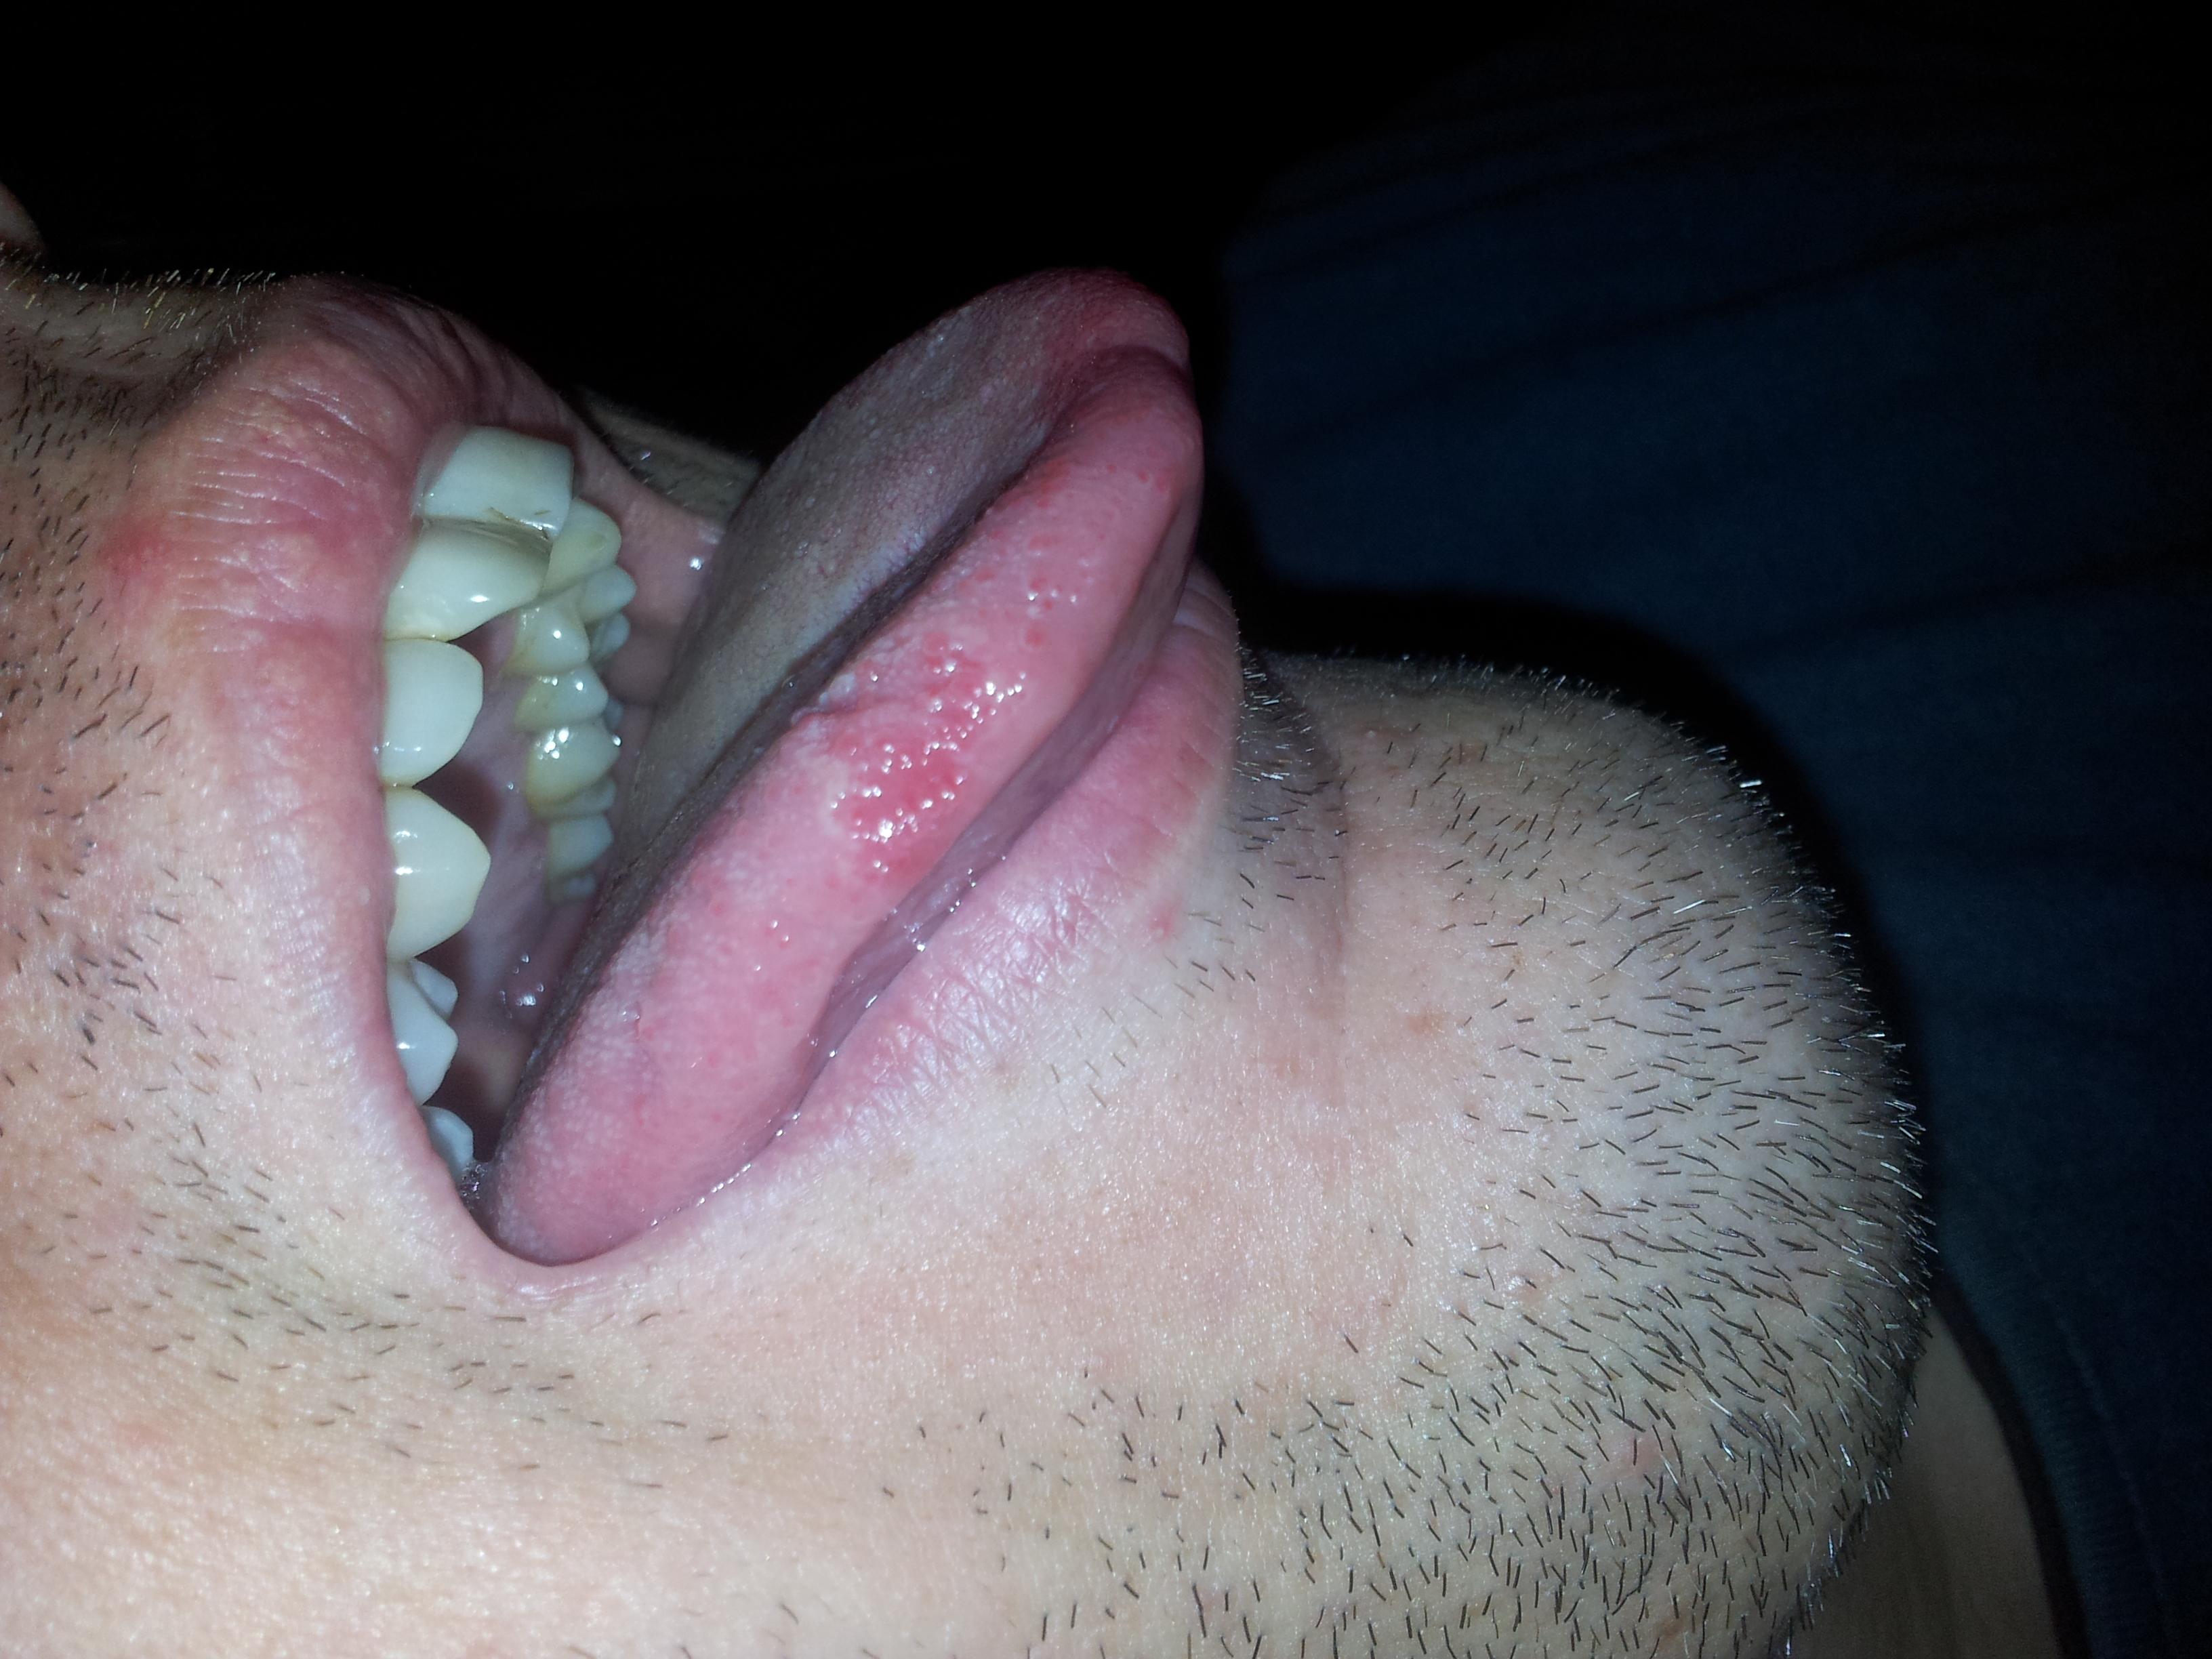 Ho la lingua con queste macchie da circa 4 mesi